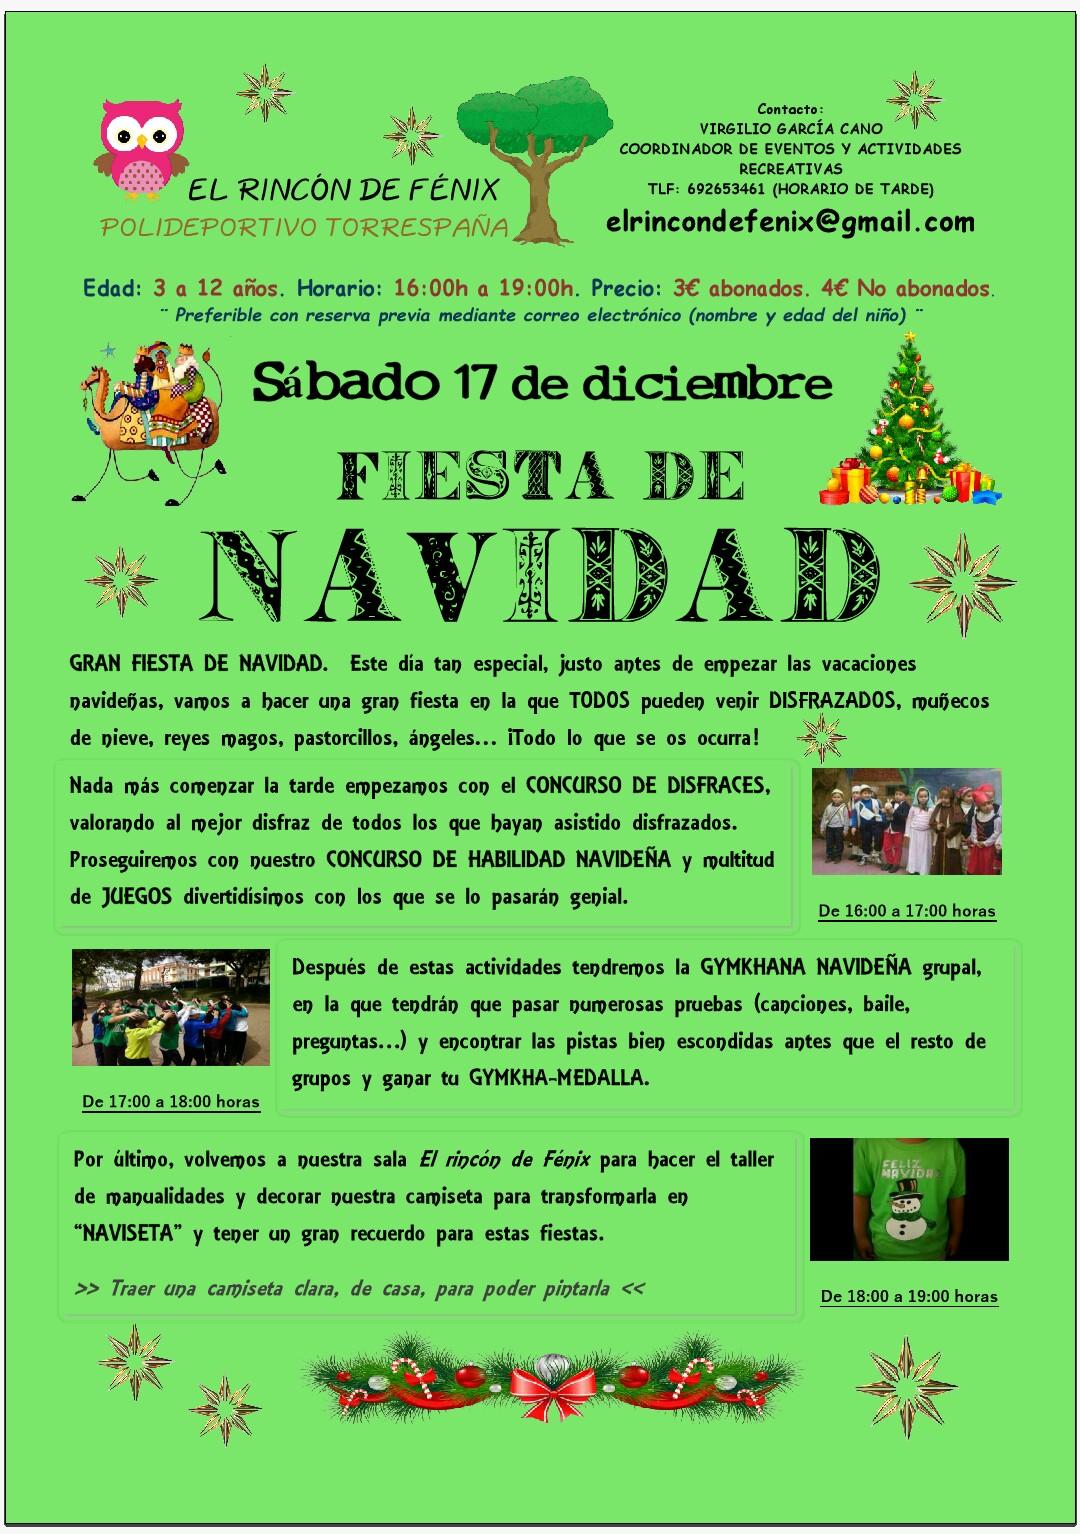 fiesta-navidad_rincondefenix